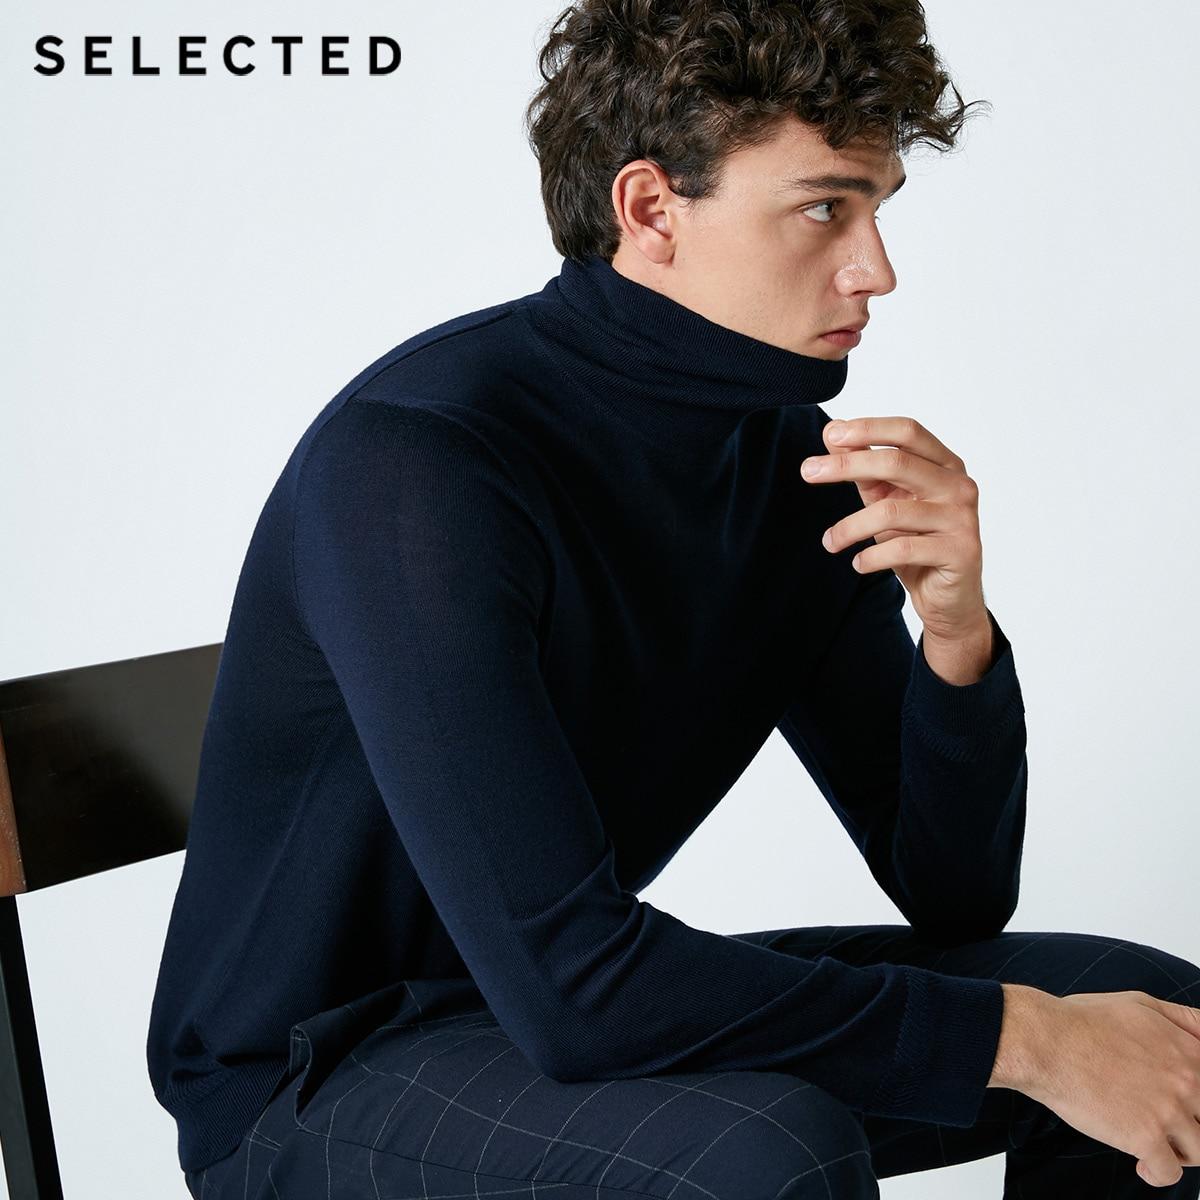 Selected blackrock의 새로운 남성 레저 이탈리아어 100% 울 스웨터 스웨터 s  418424502-에서풀오버부터 남성 의류 의  그룹 2